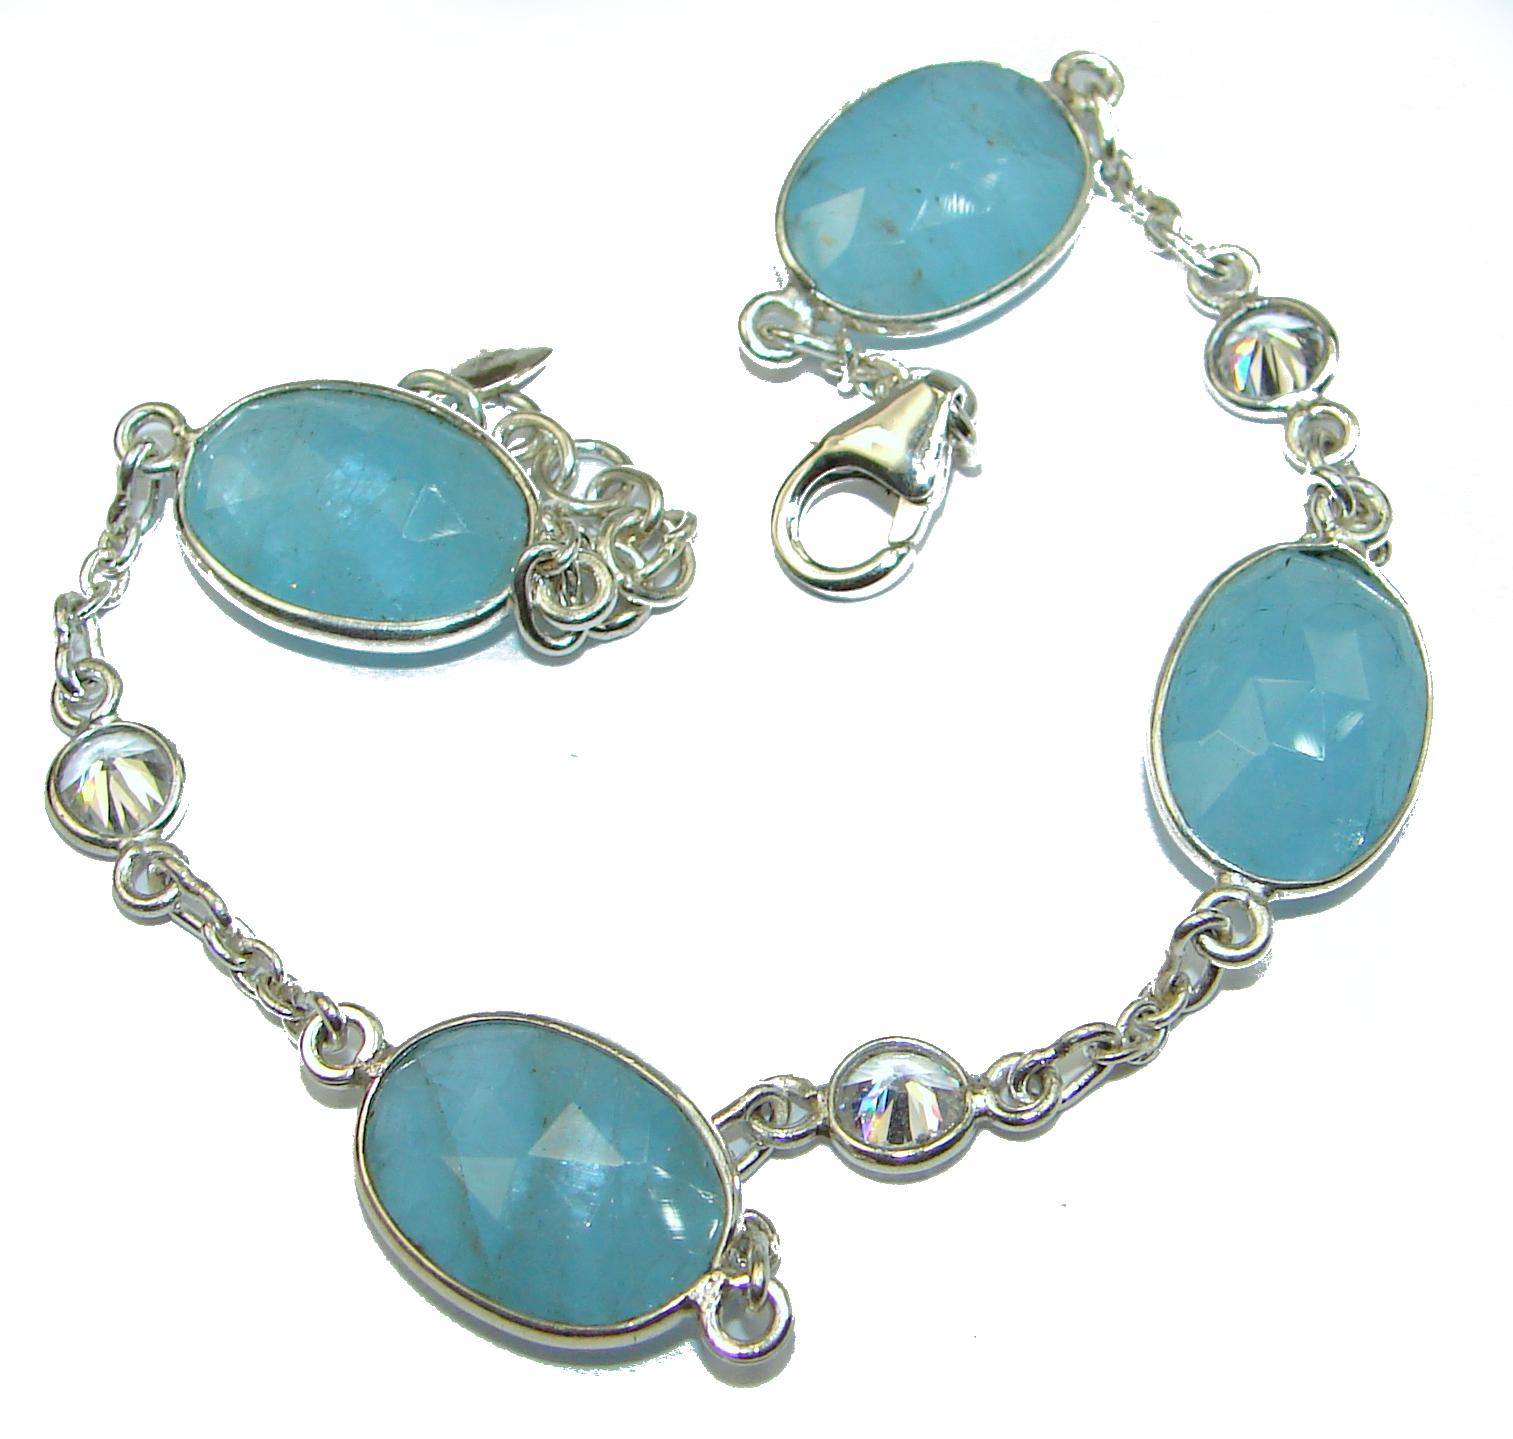 Genuine Aquamarine .925 Sterling Silver handcrafted Bracelet